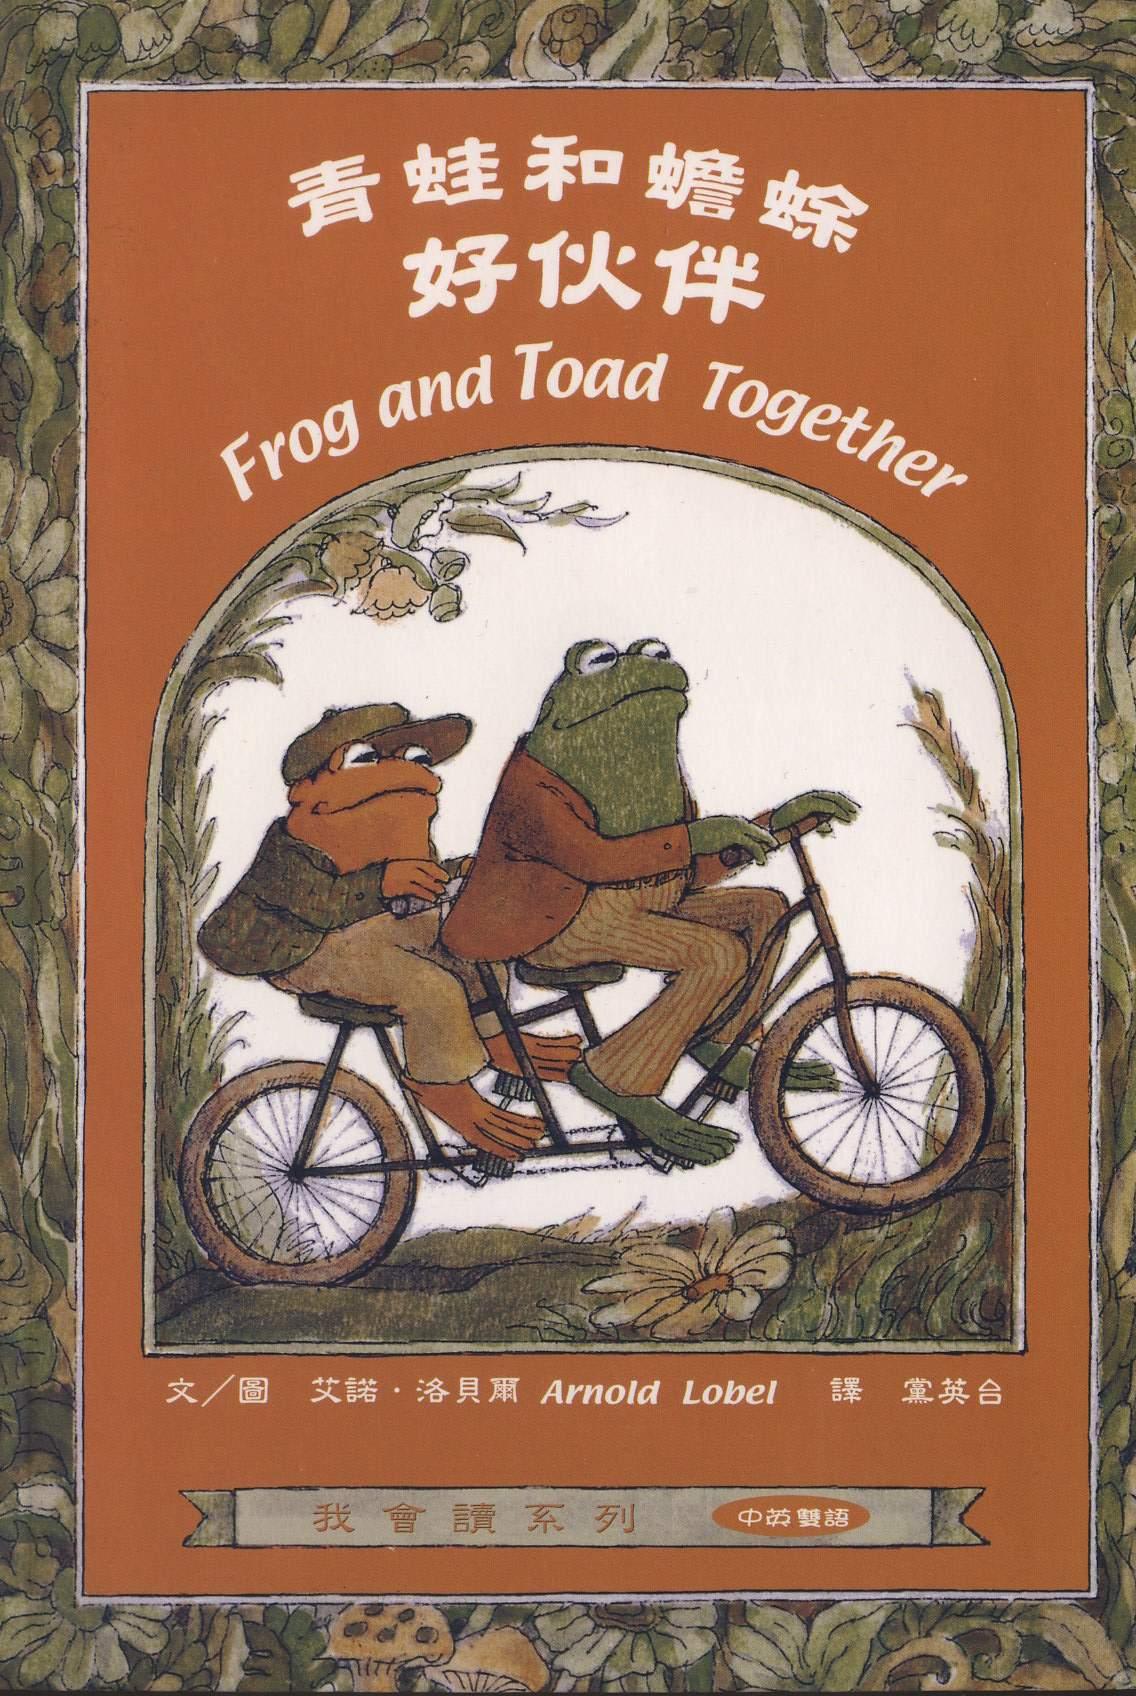 青蛙和蟾蜍好伙伴-澎湖县行动图书馆